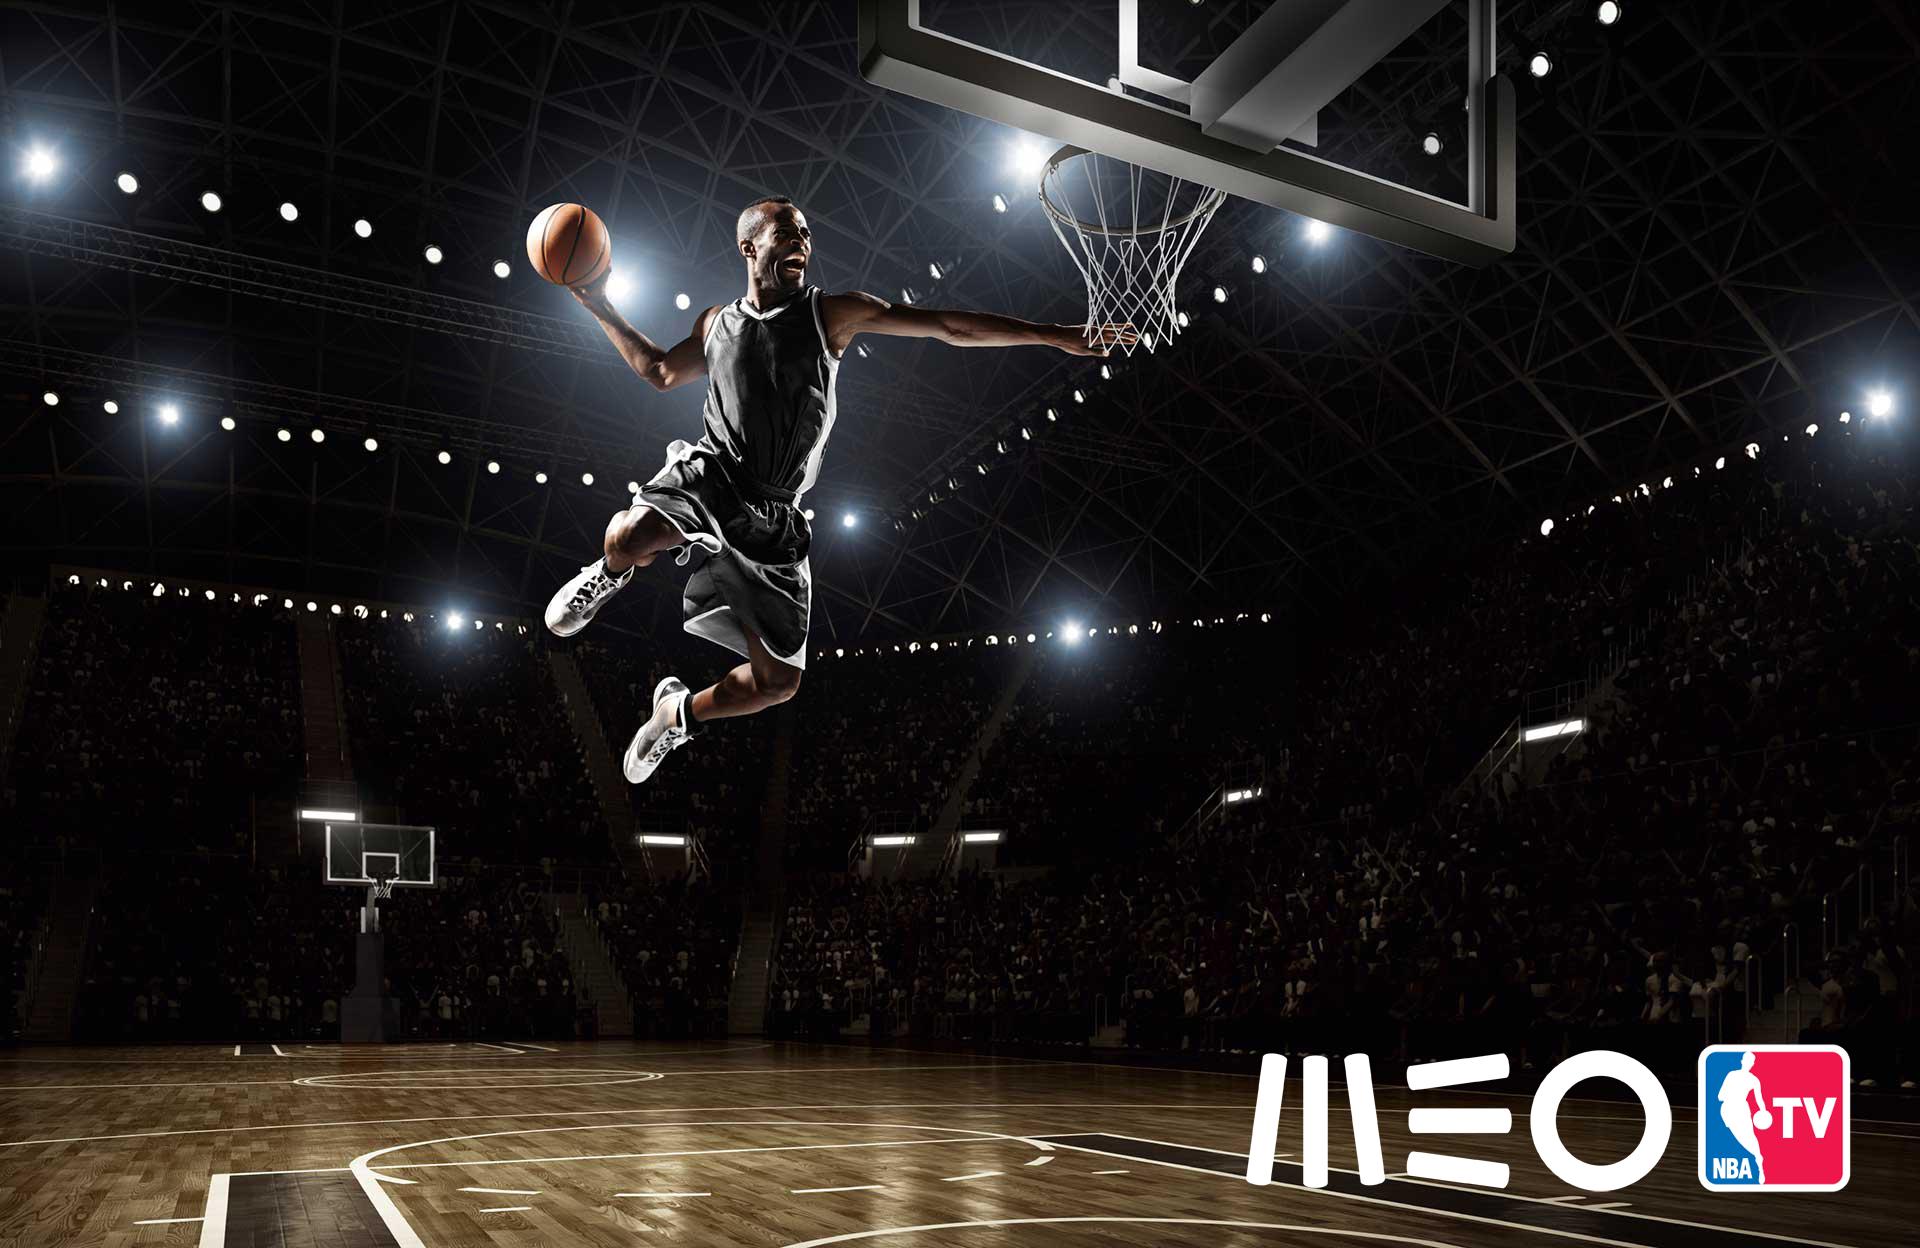 NBA TV em exclusivo no MEO